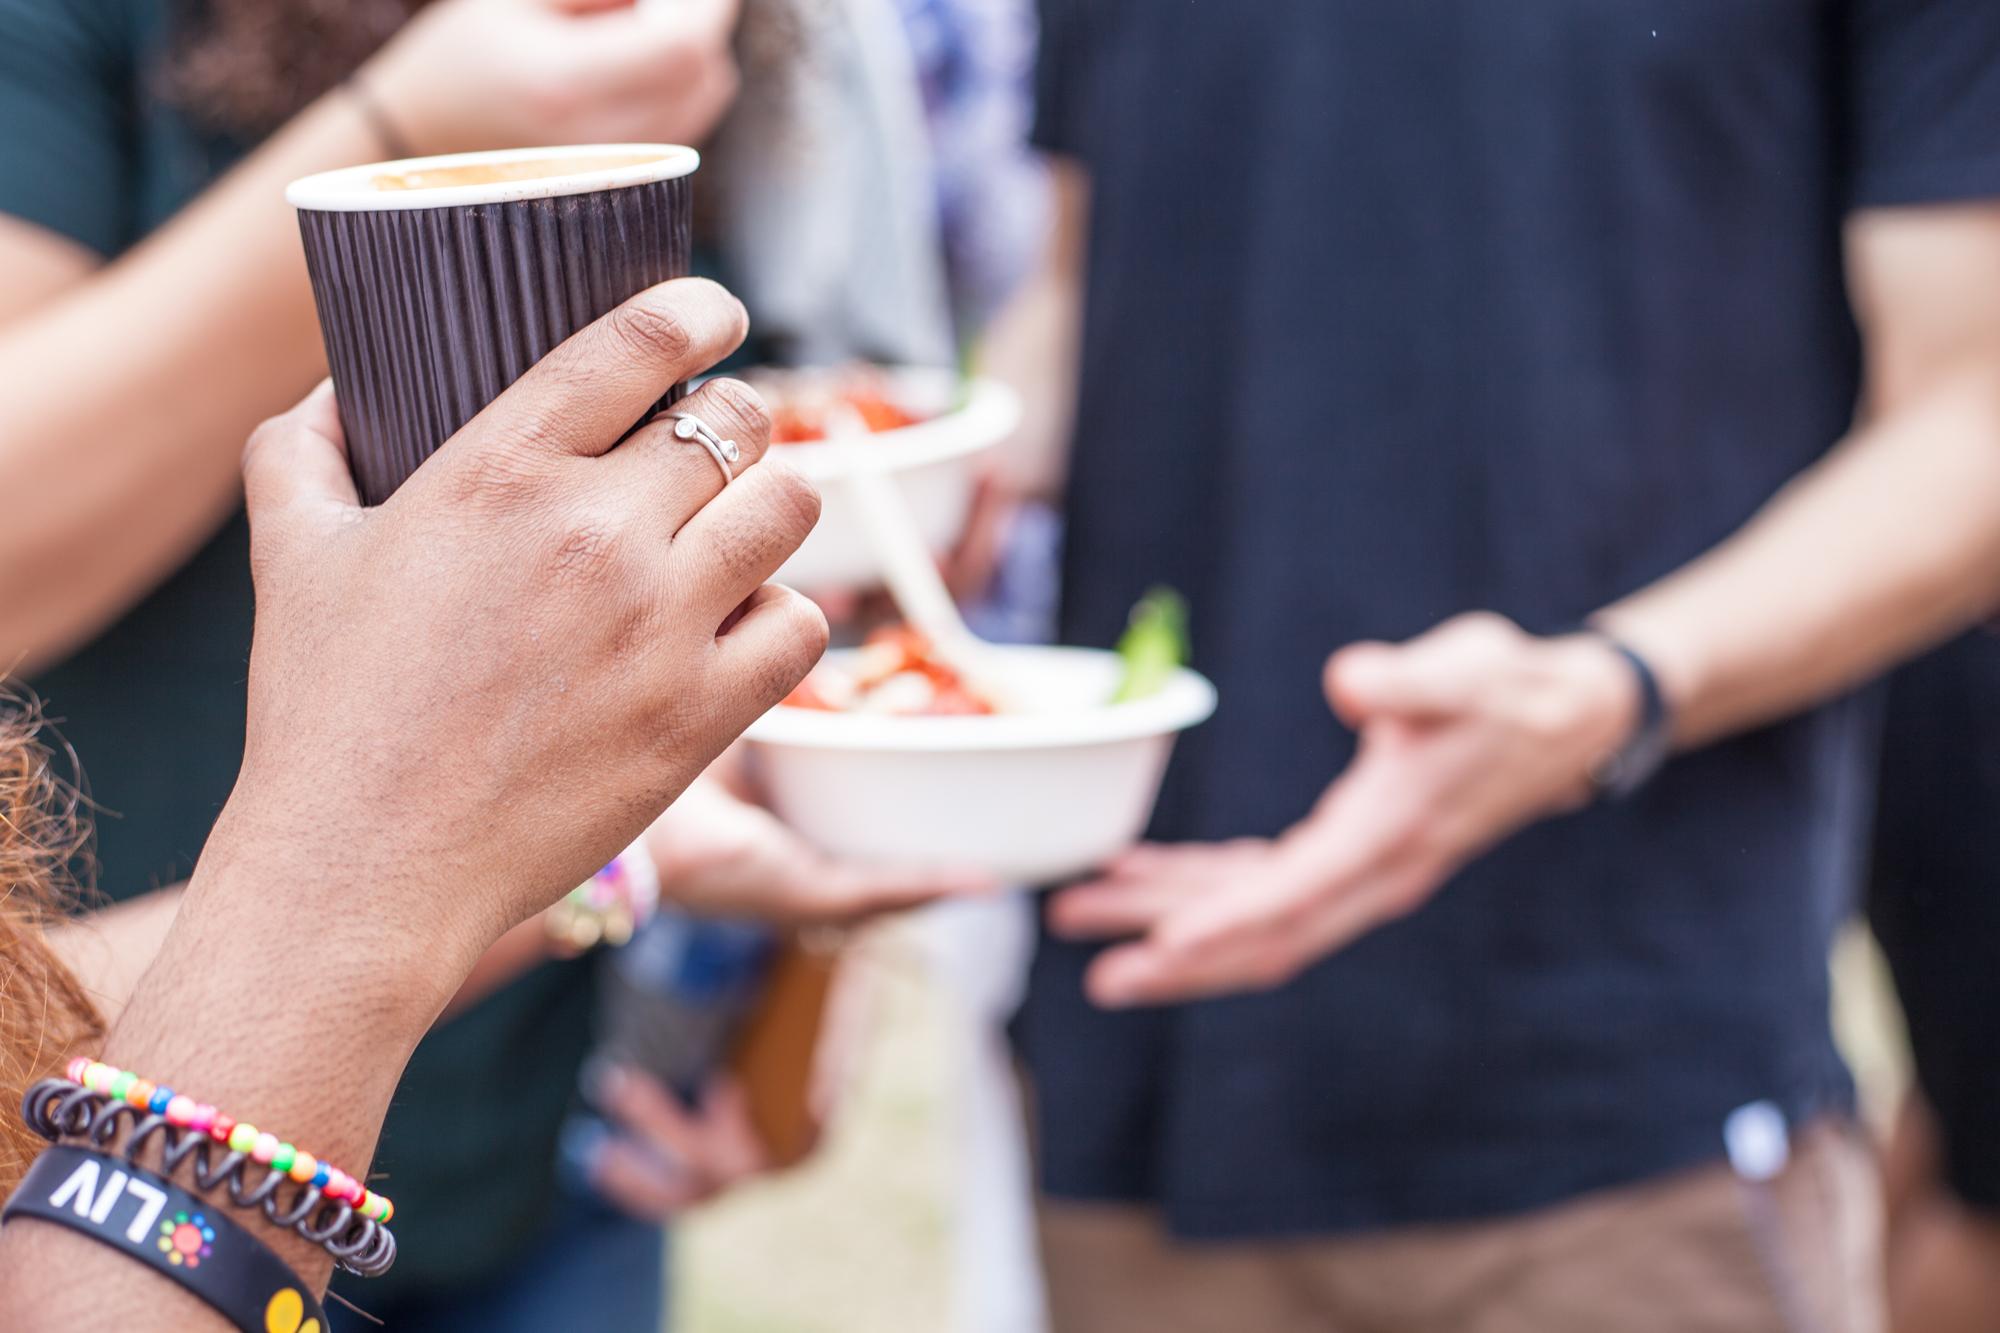 Coffee IMG_1619.jpg